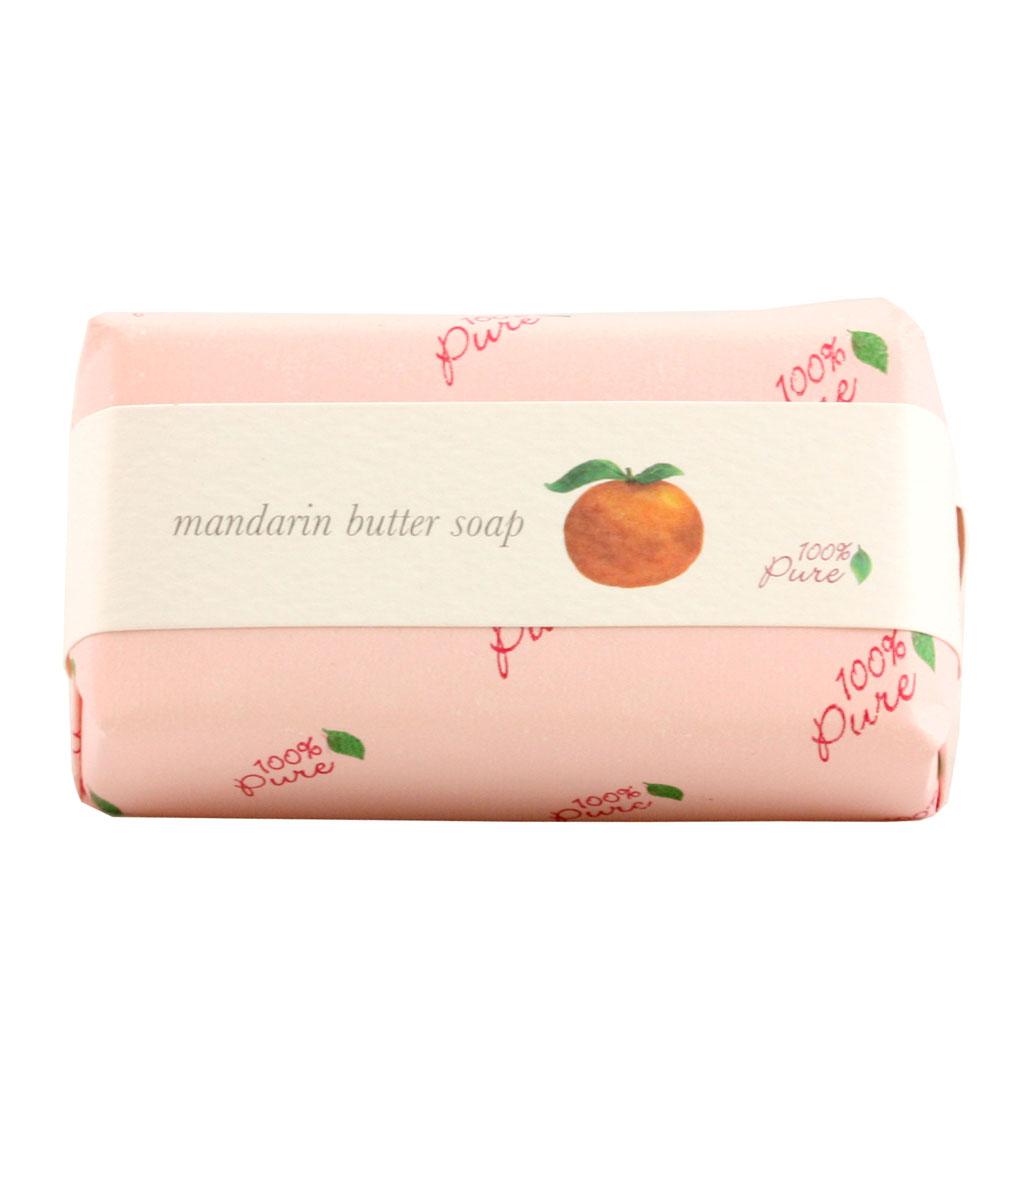 100% Pure Крем-мыло Мандарин, 127 г1BSOMANЭто натуральное растительное мыло создано на основе масла Ши и кокосового масла, которые, как известно, увлажняют и защищают кожу. Обильная , нежная пена дарит бесконечное удовольствие при принятии ванны.